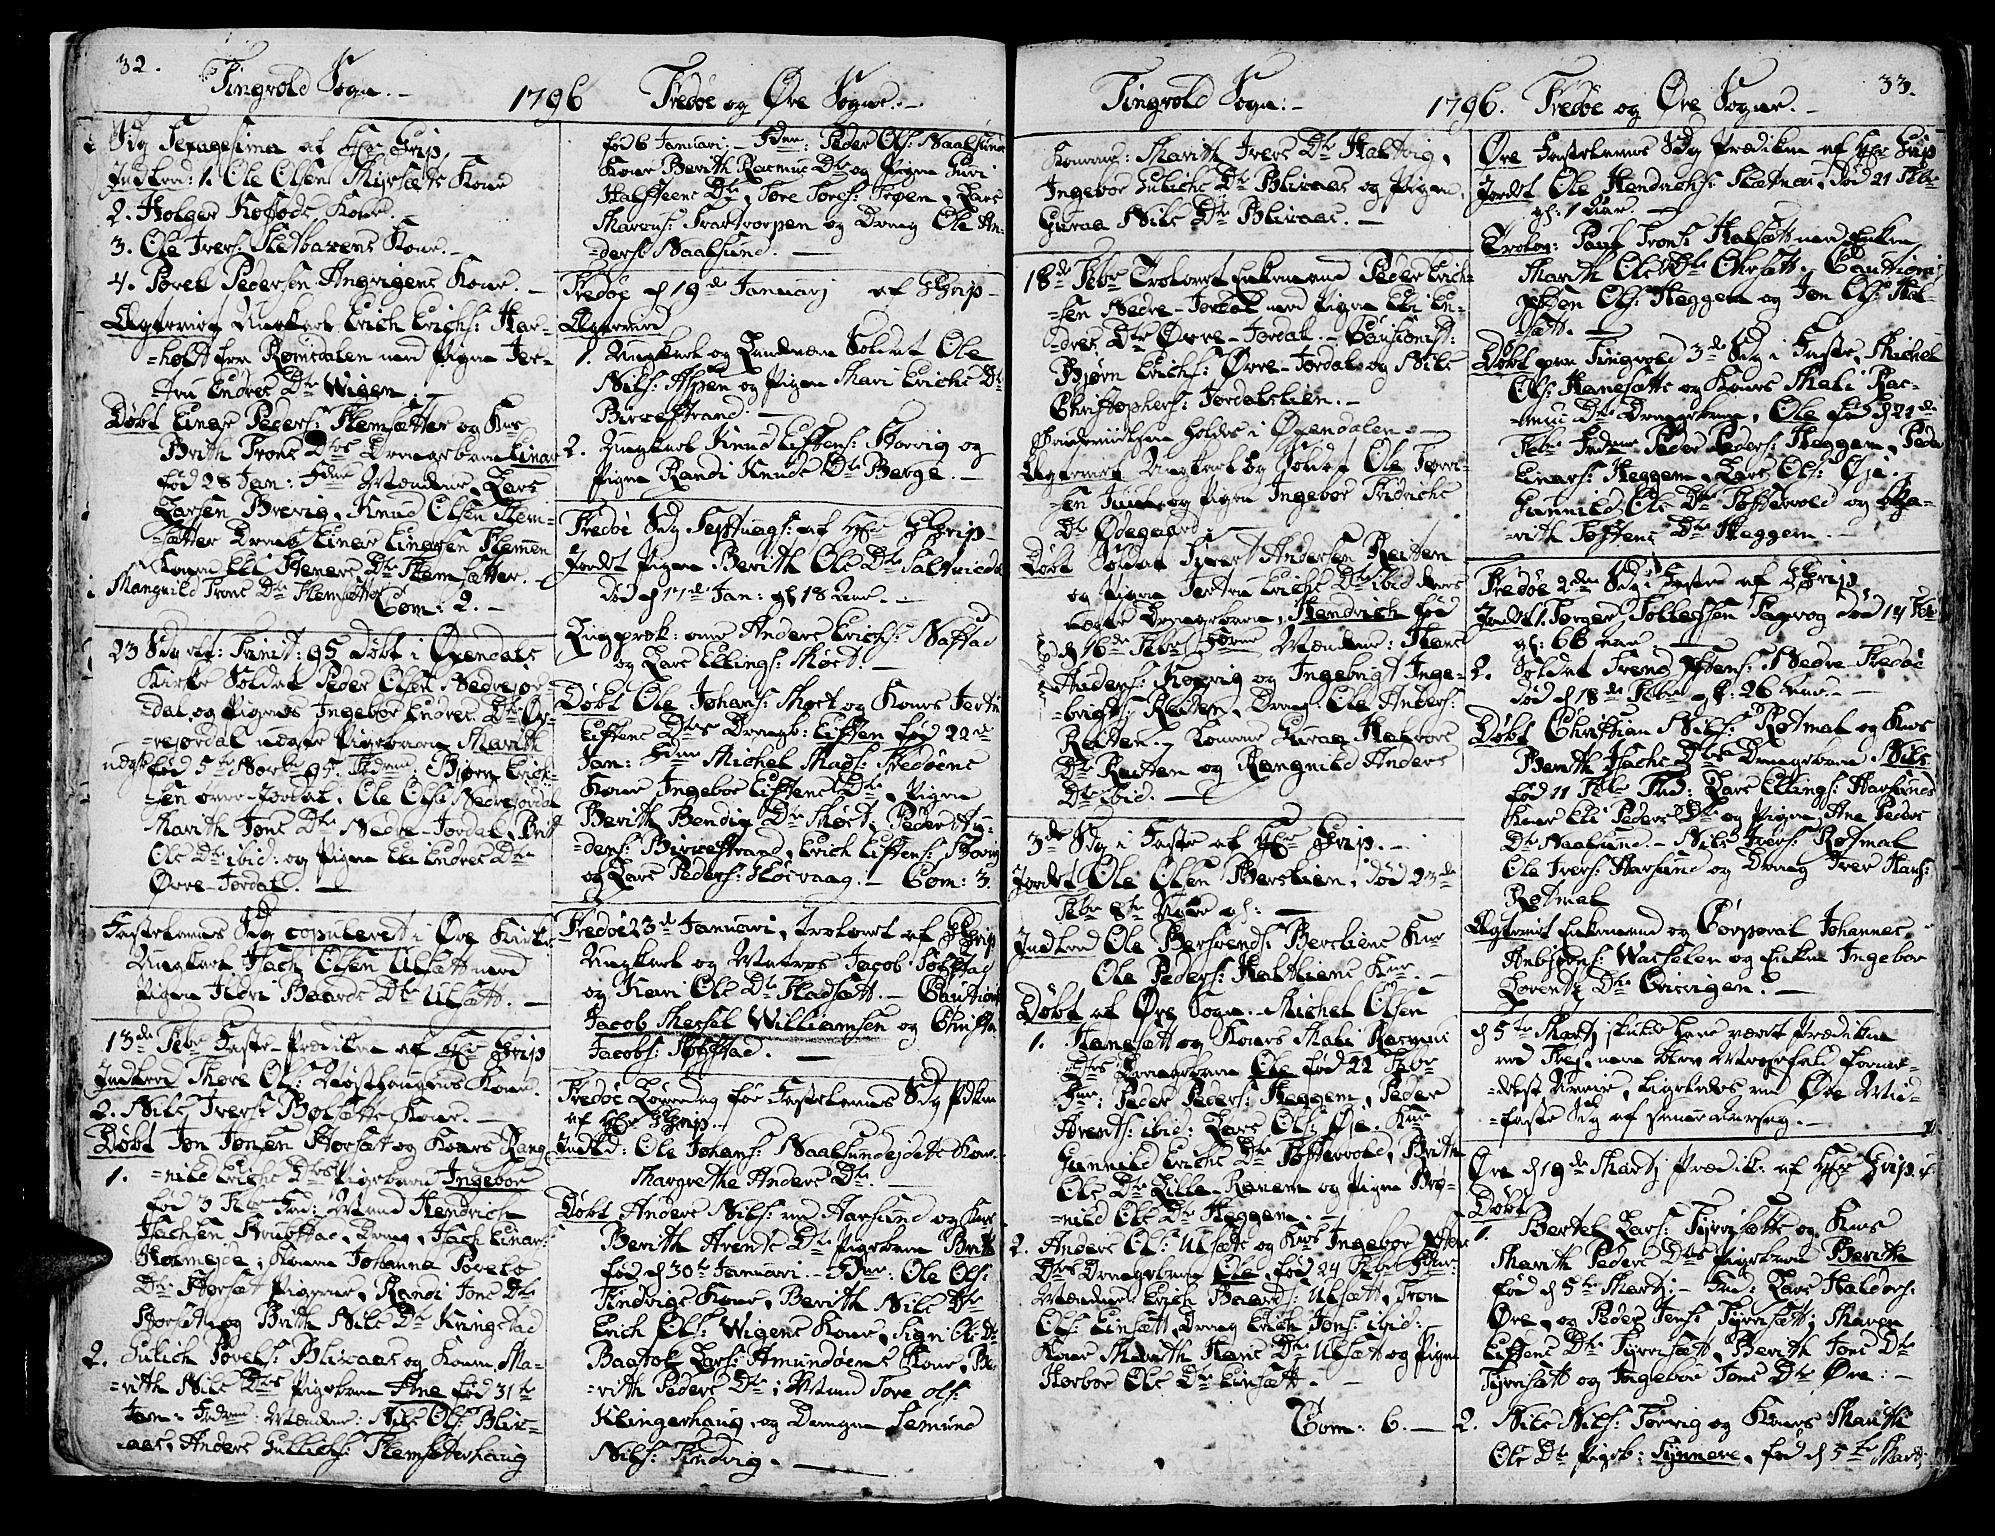 SAT, Ministerialprotokoller, klokkerbøker og fødselsregistre - Møre og Romsdal, 586/L0981: Ministerialbok nr. 586A07, 1794-1819, s. 32-33